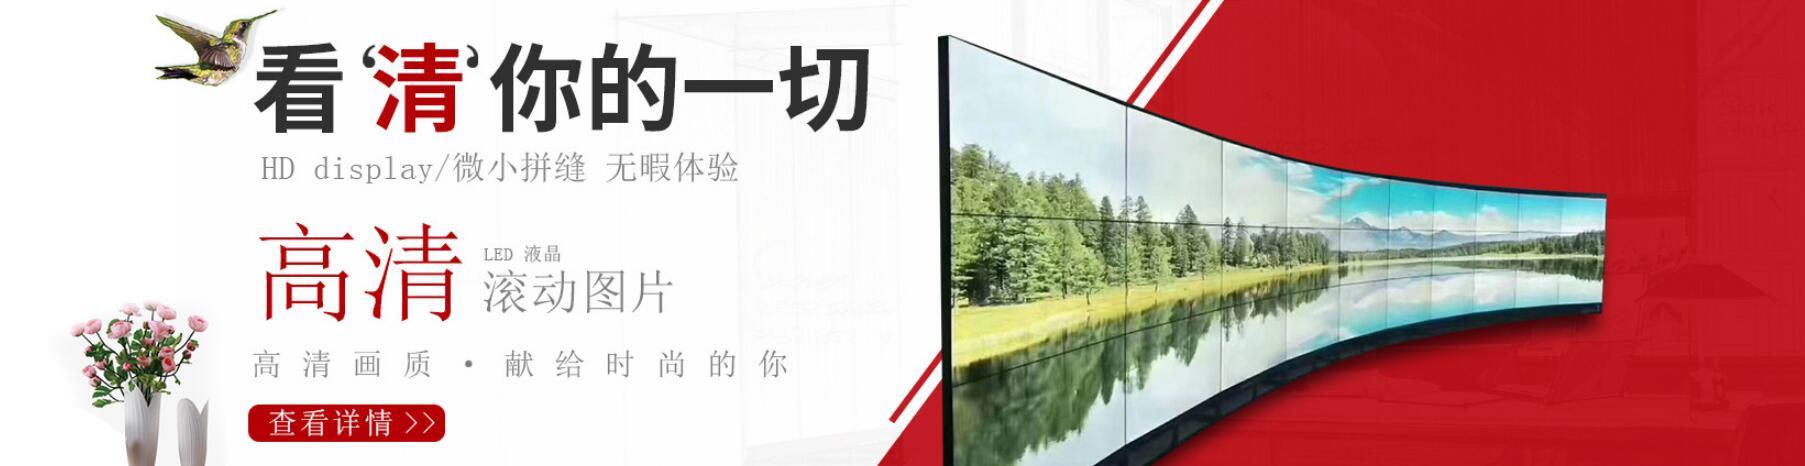 上海琉亭电子科技有限公司